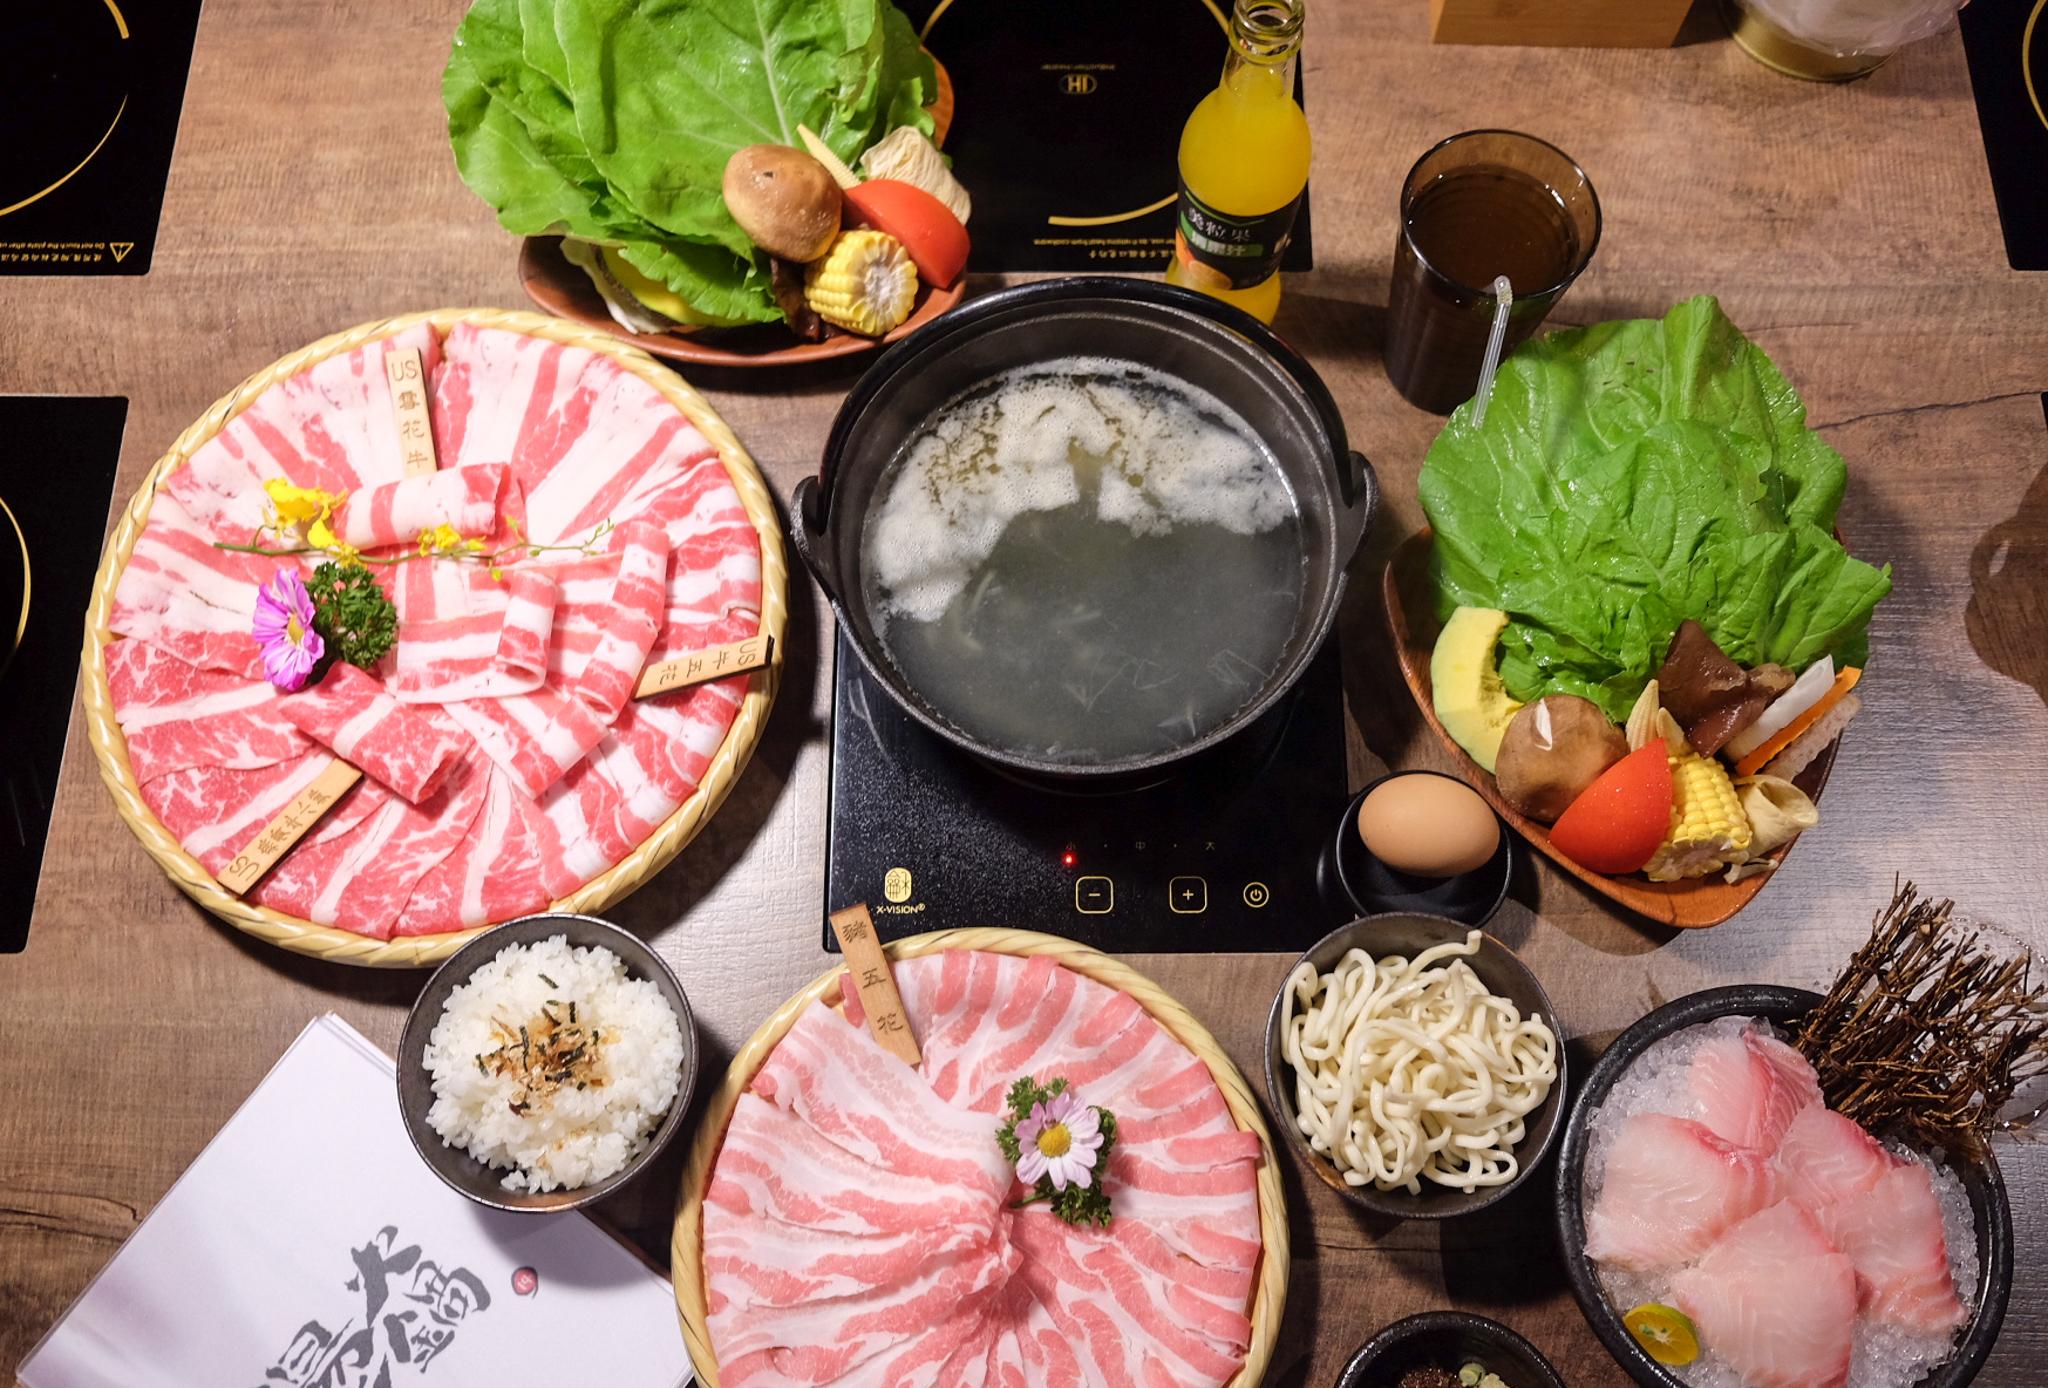 新竹市|燙火鍋14 跟重要的人一起吃鍋吧 吸睛肉盤 新竹高品質鍋物 - 樂の誠食說